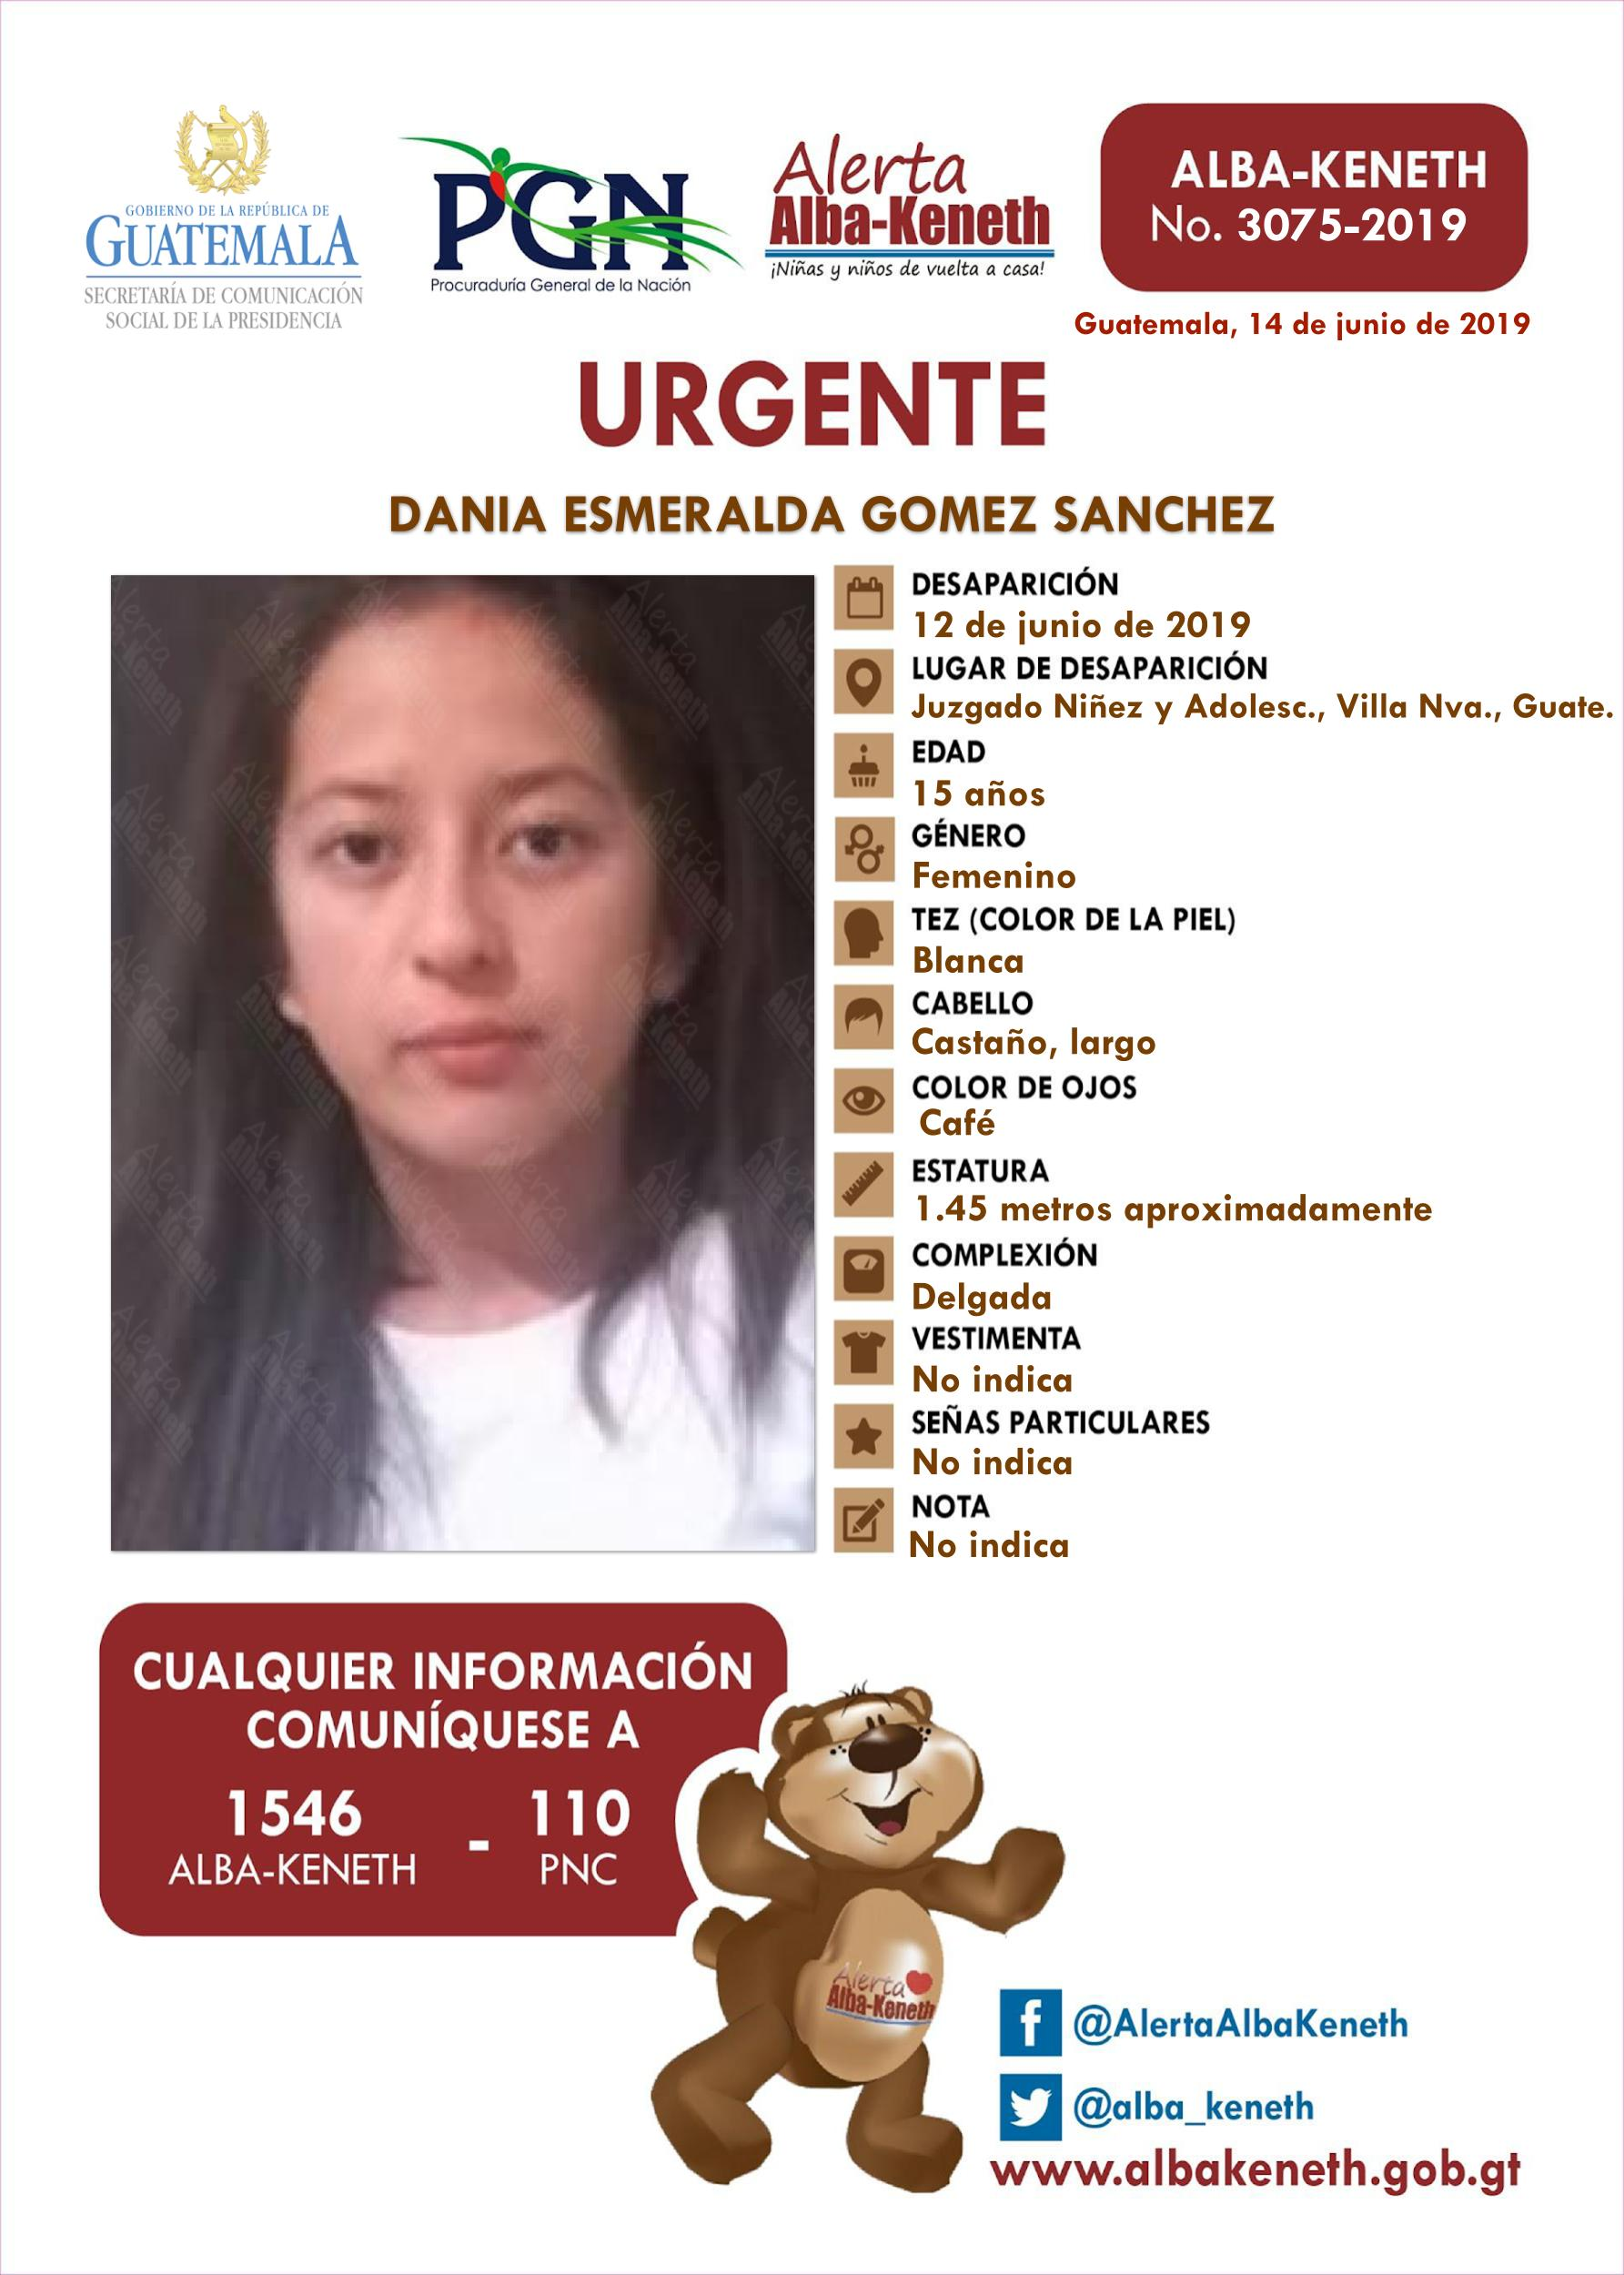 Dania Esmeralda Gomez Sanchez